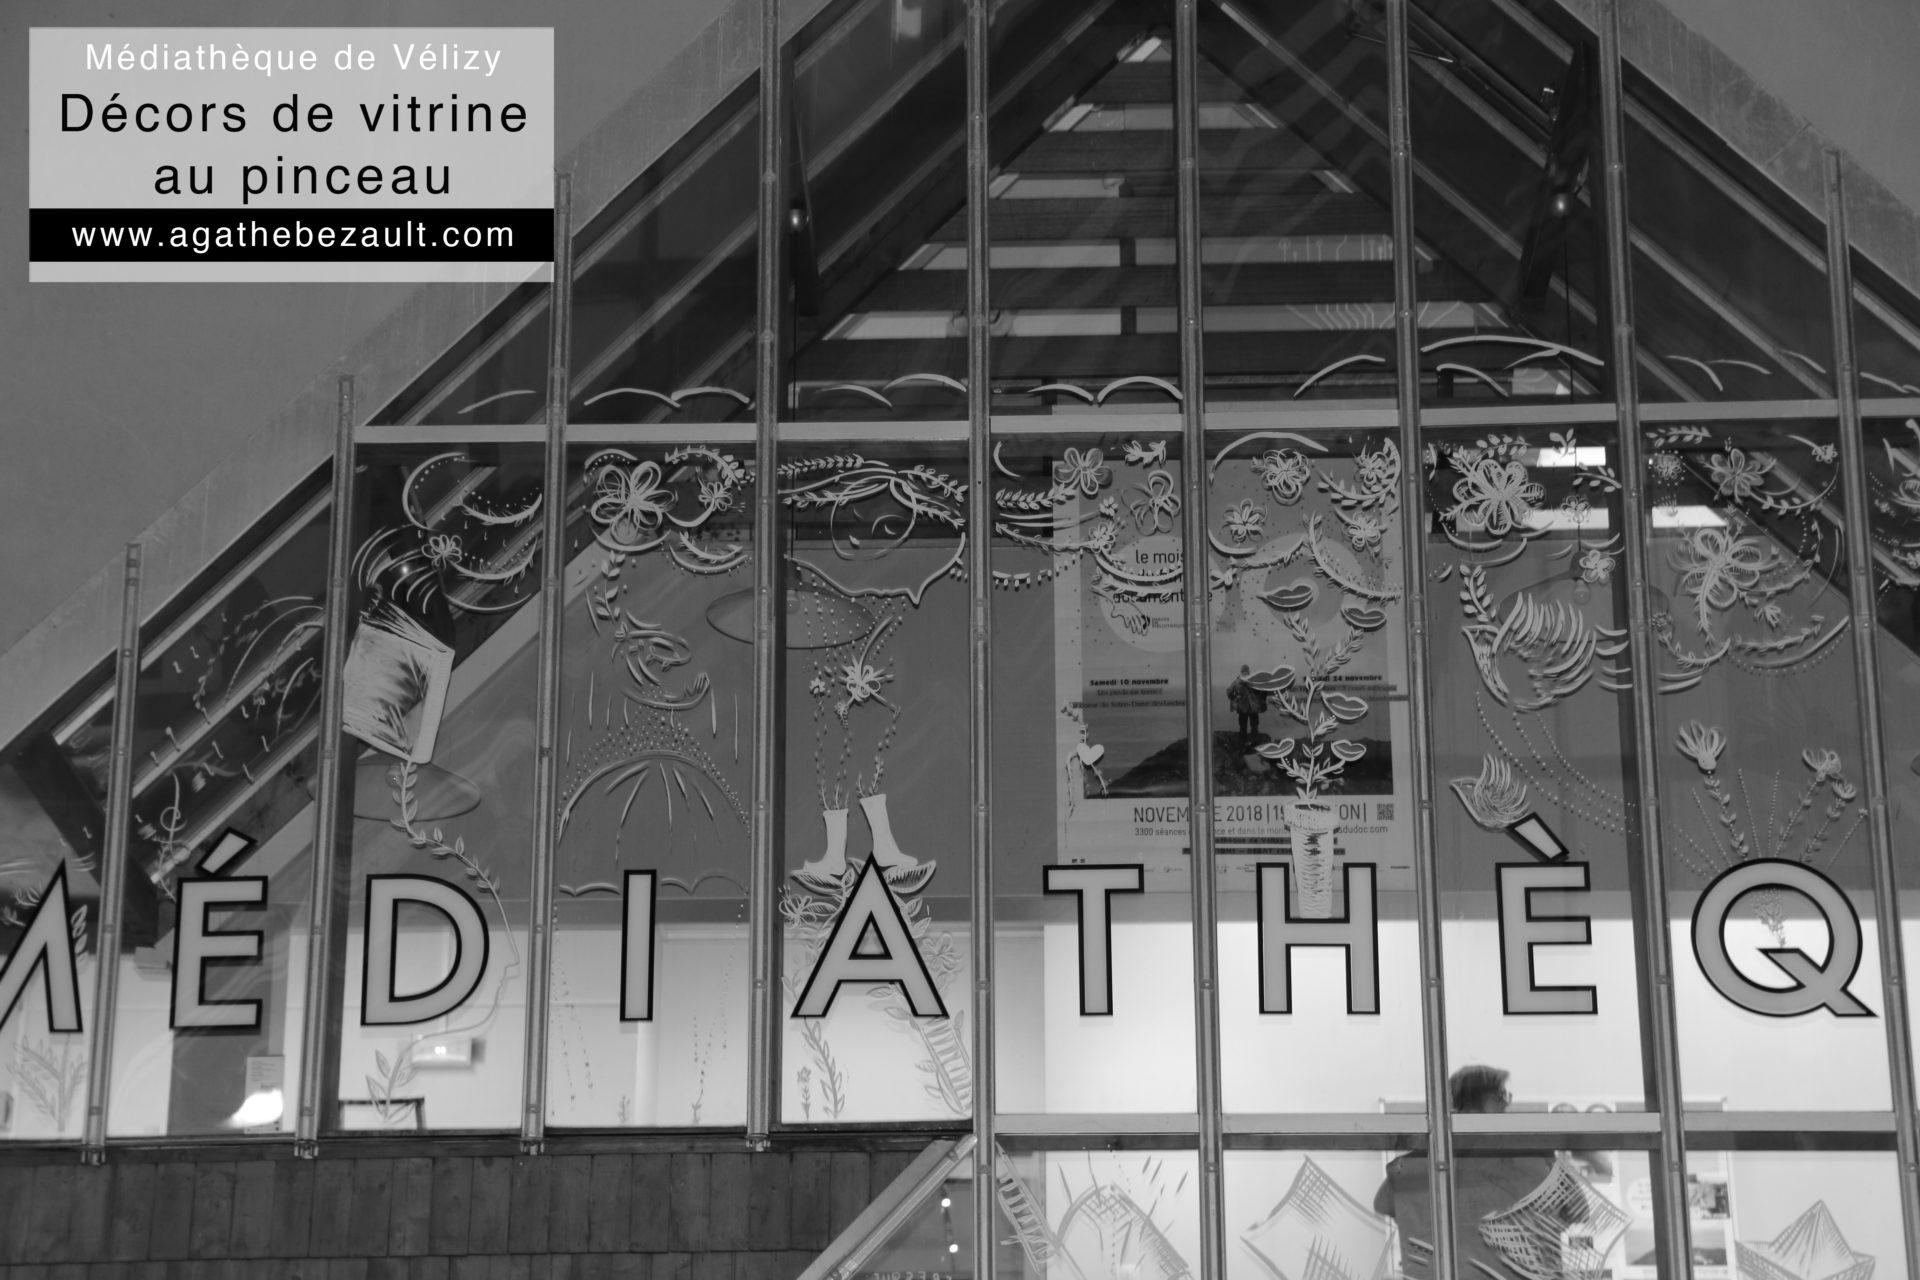 2-agathebezault-mediatheque-velizy